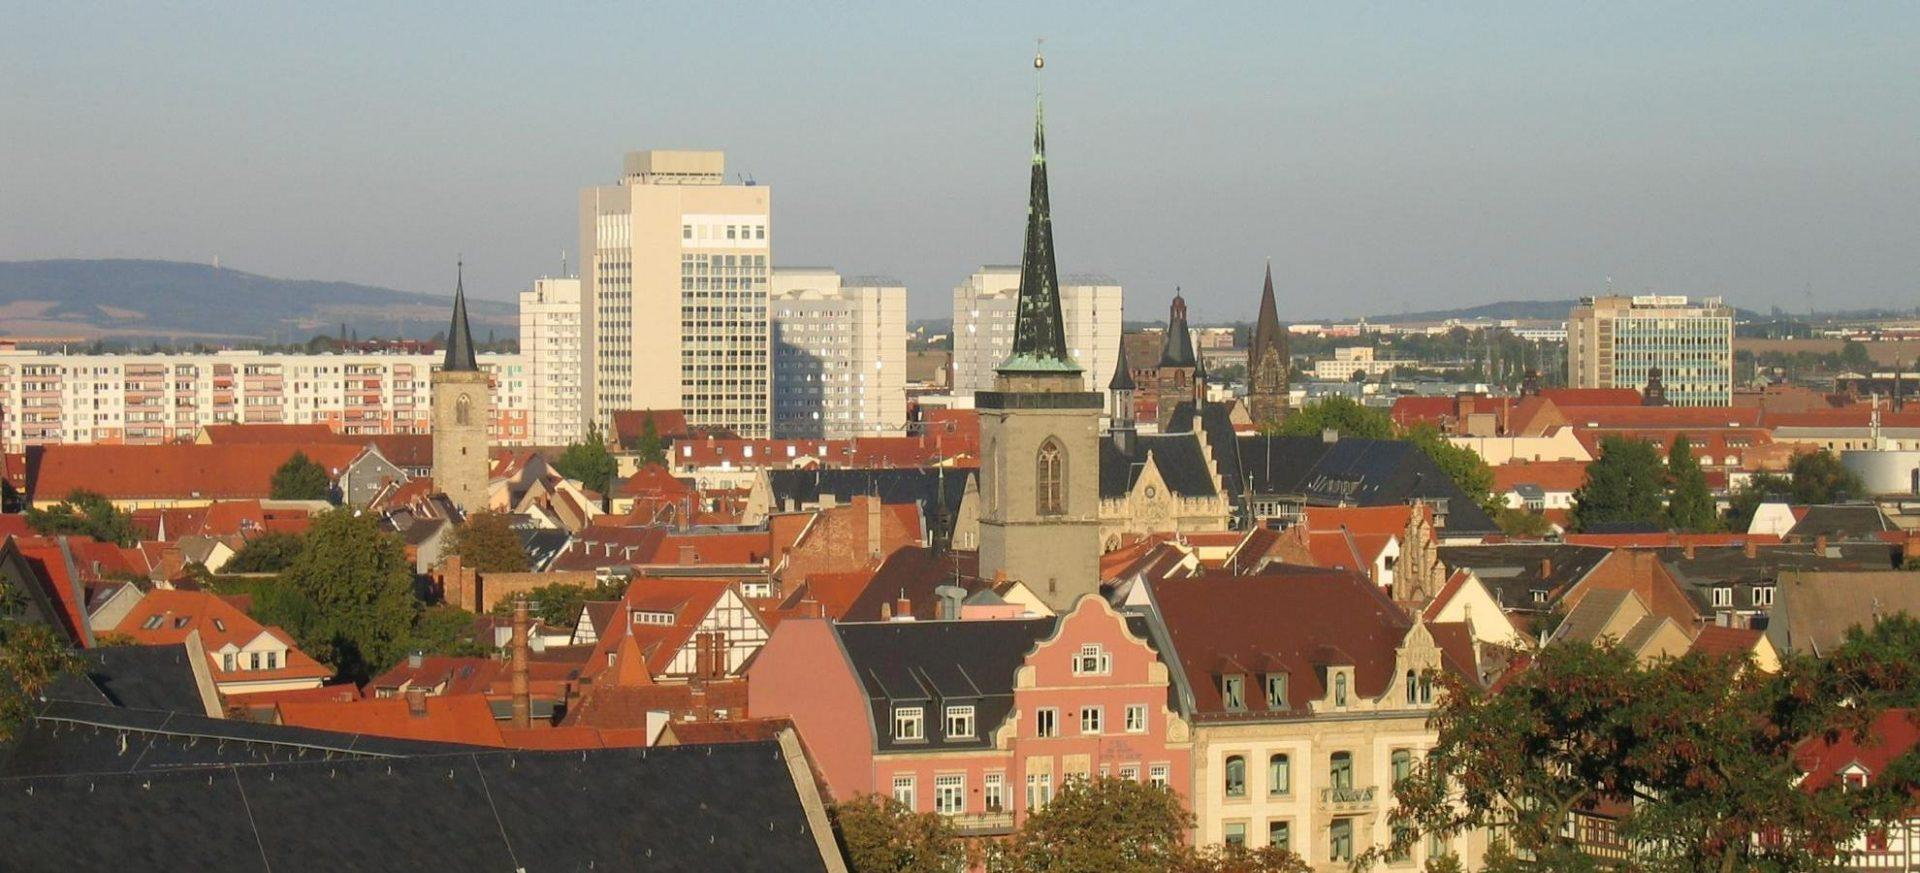 Radisson Blu Hotel Erfurt Blick über die Stadt / View over Erfurt